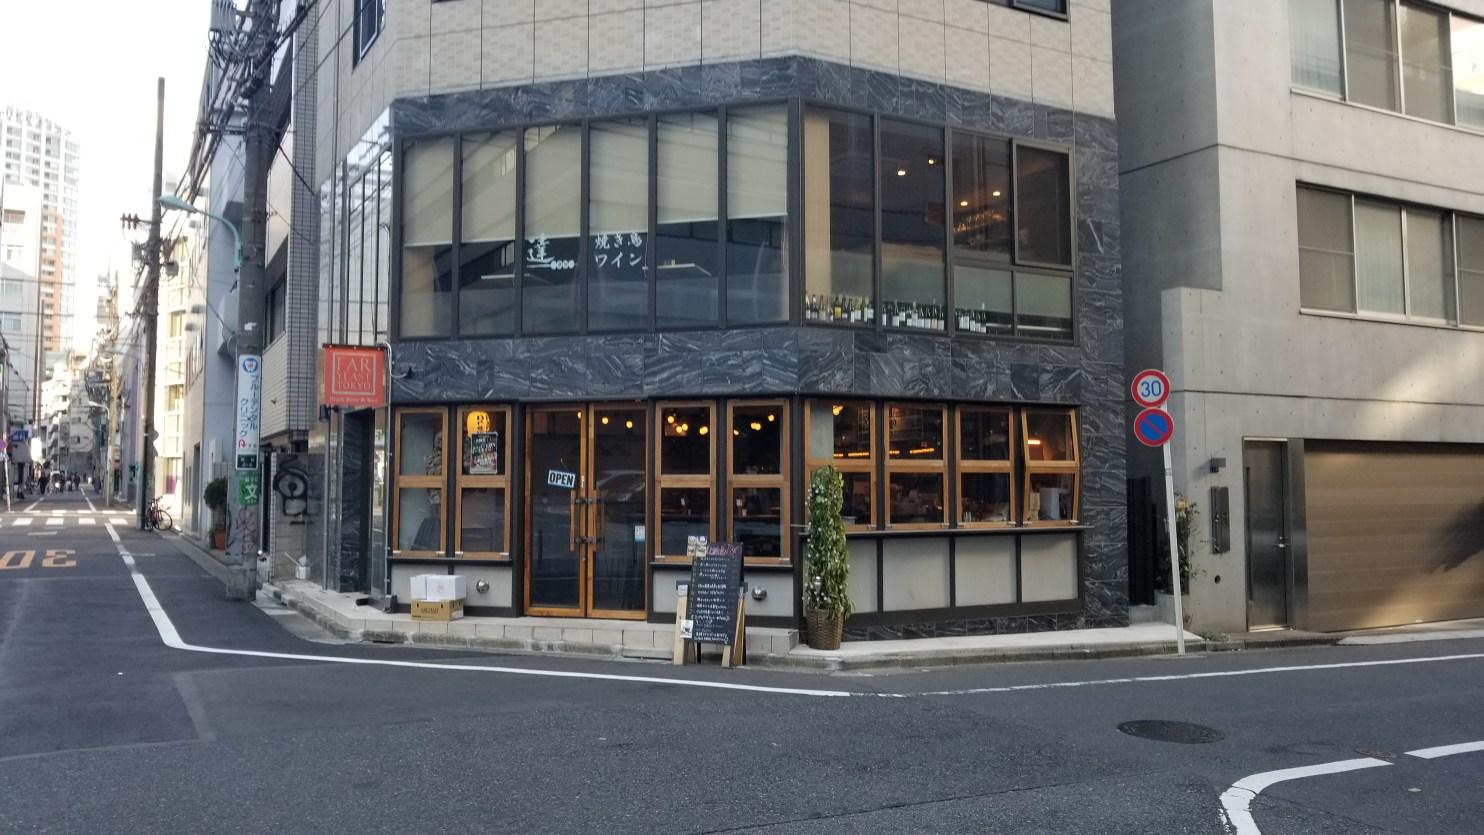 Far Yeast Tokyo Craft Beer & Bao Front